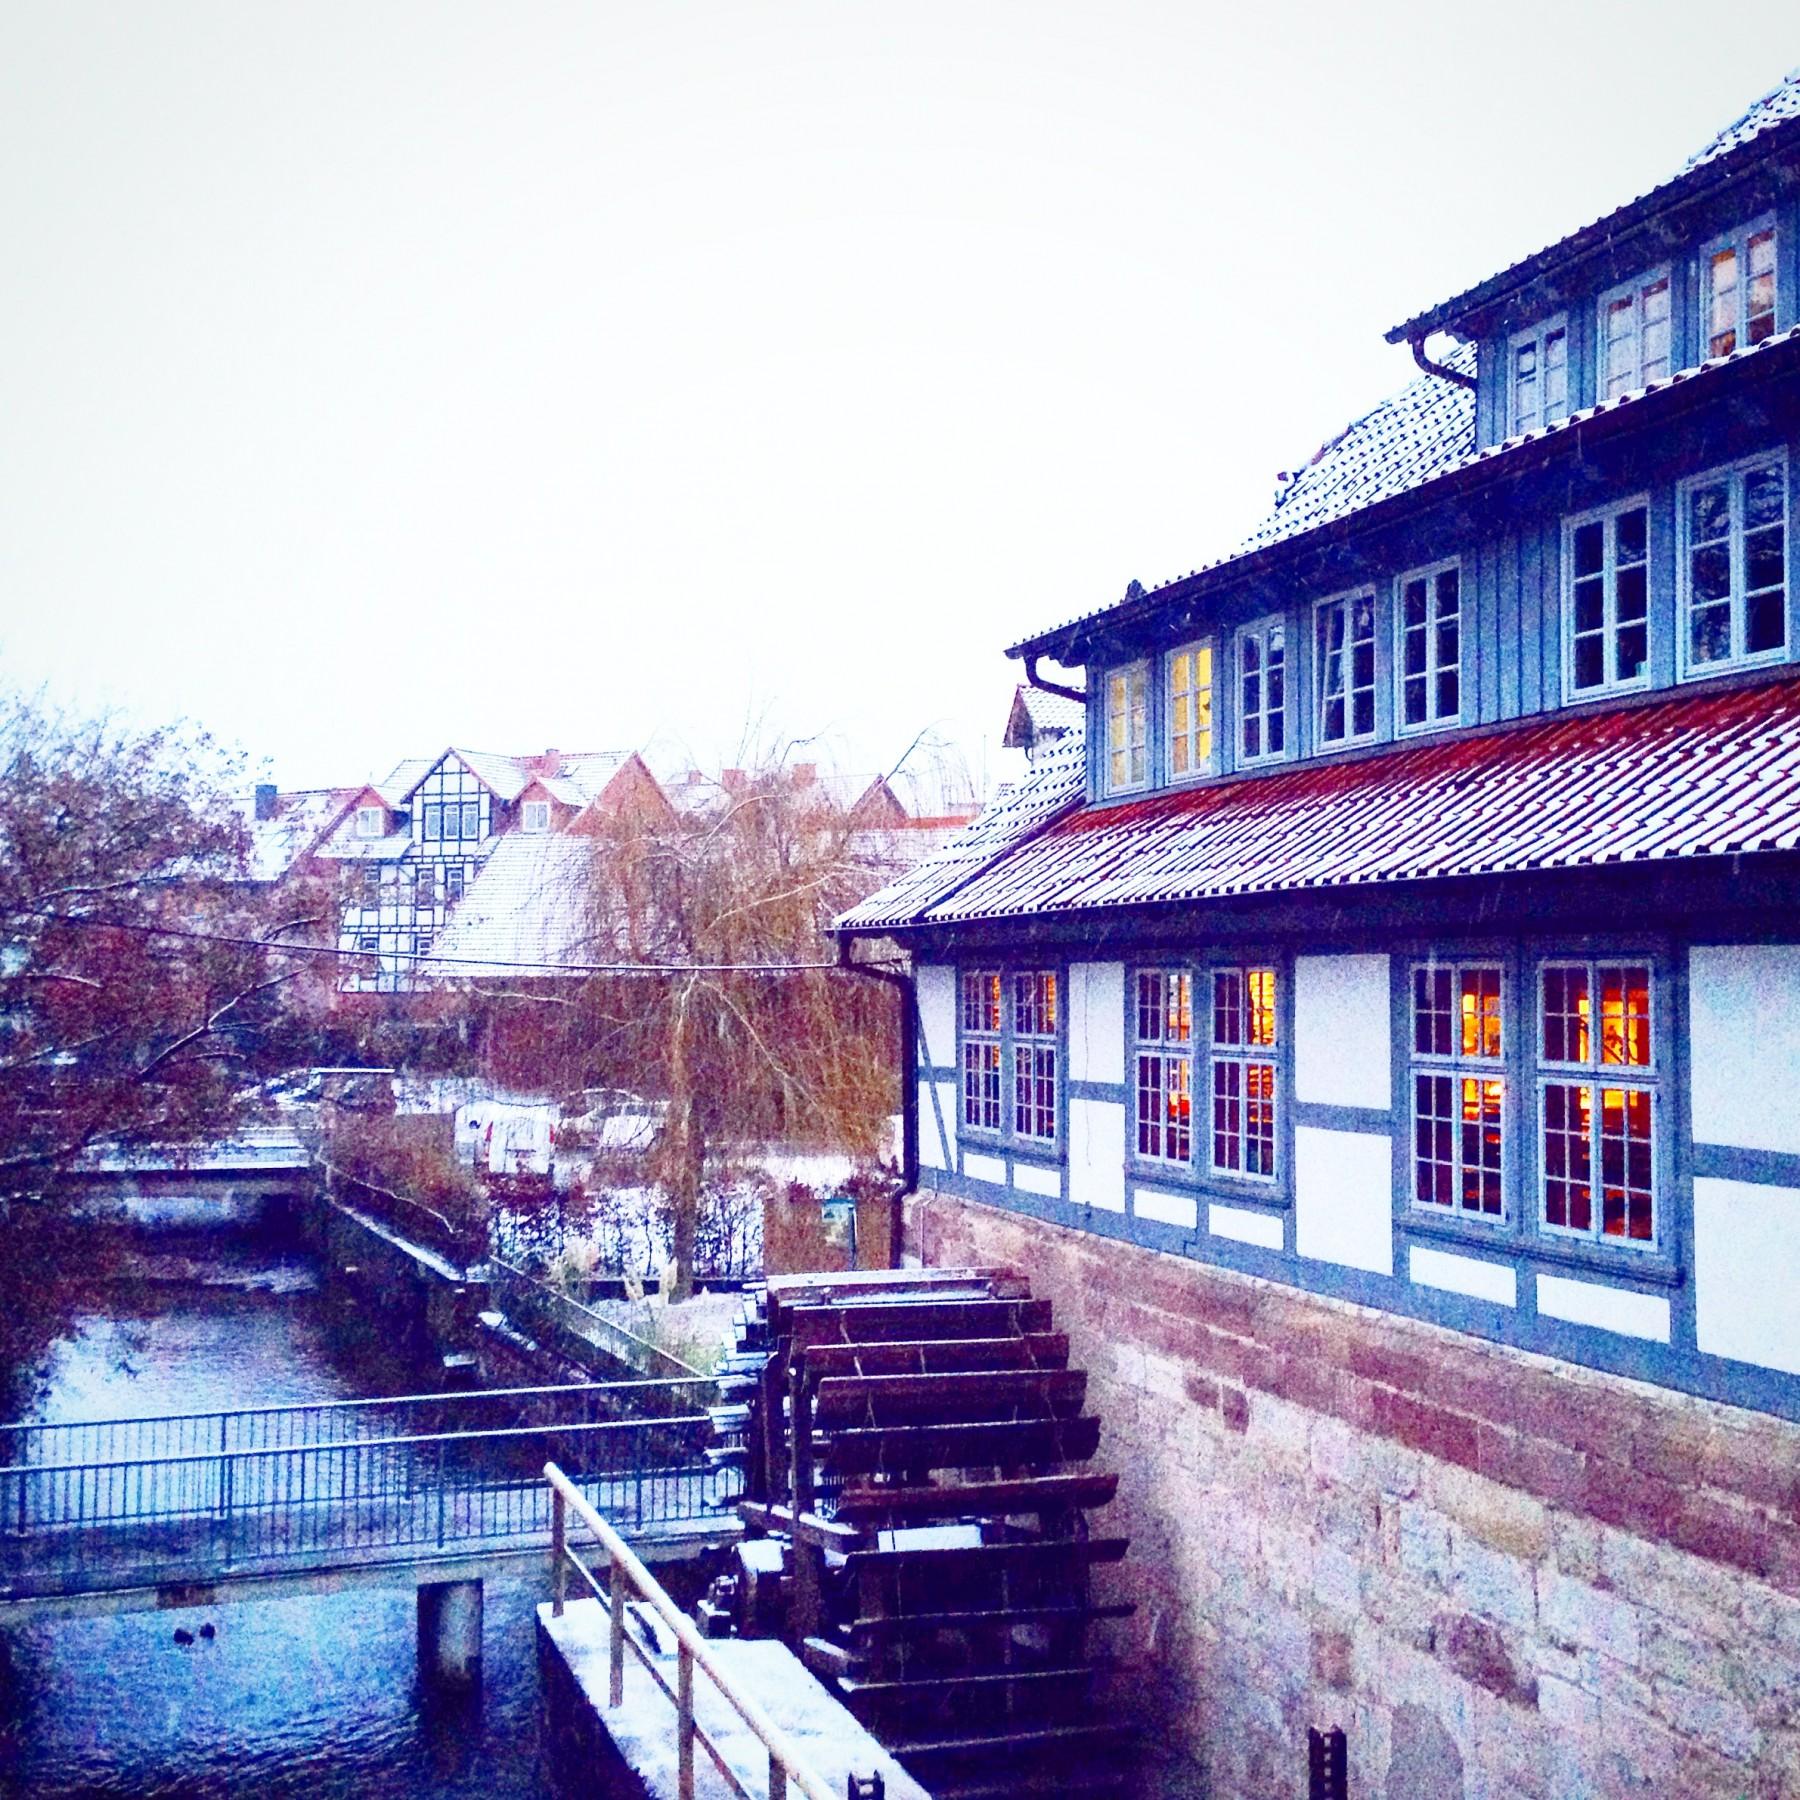 Winter in Göttingen